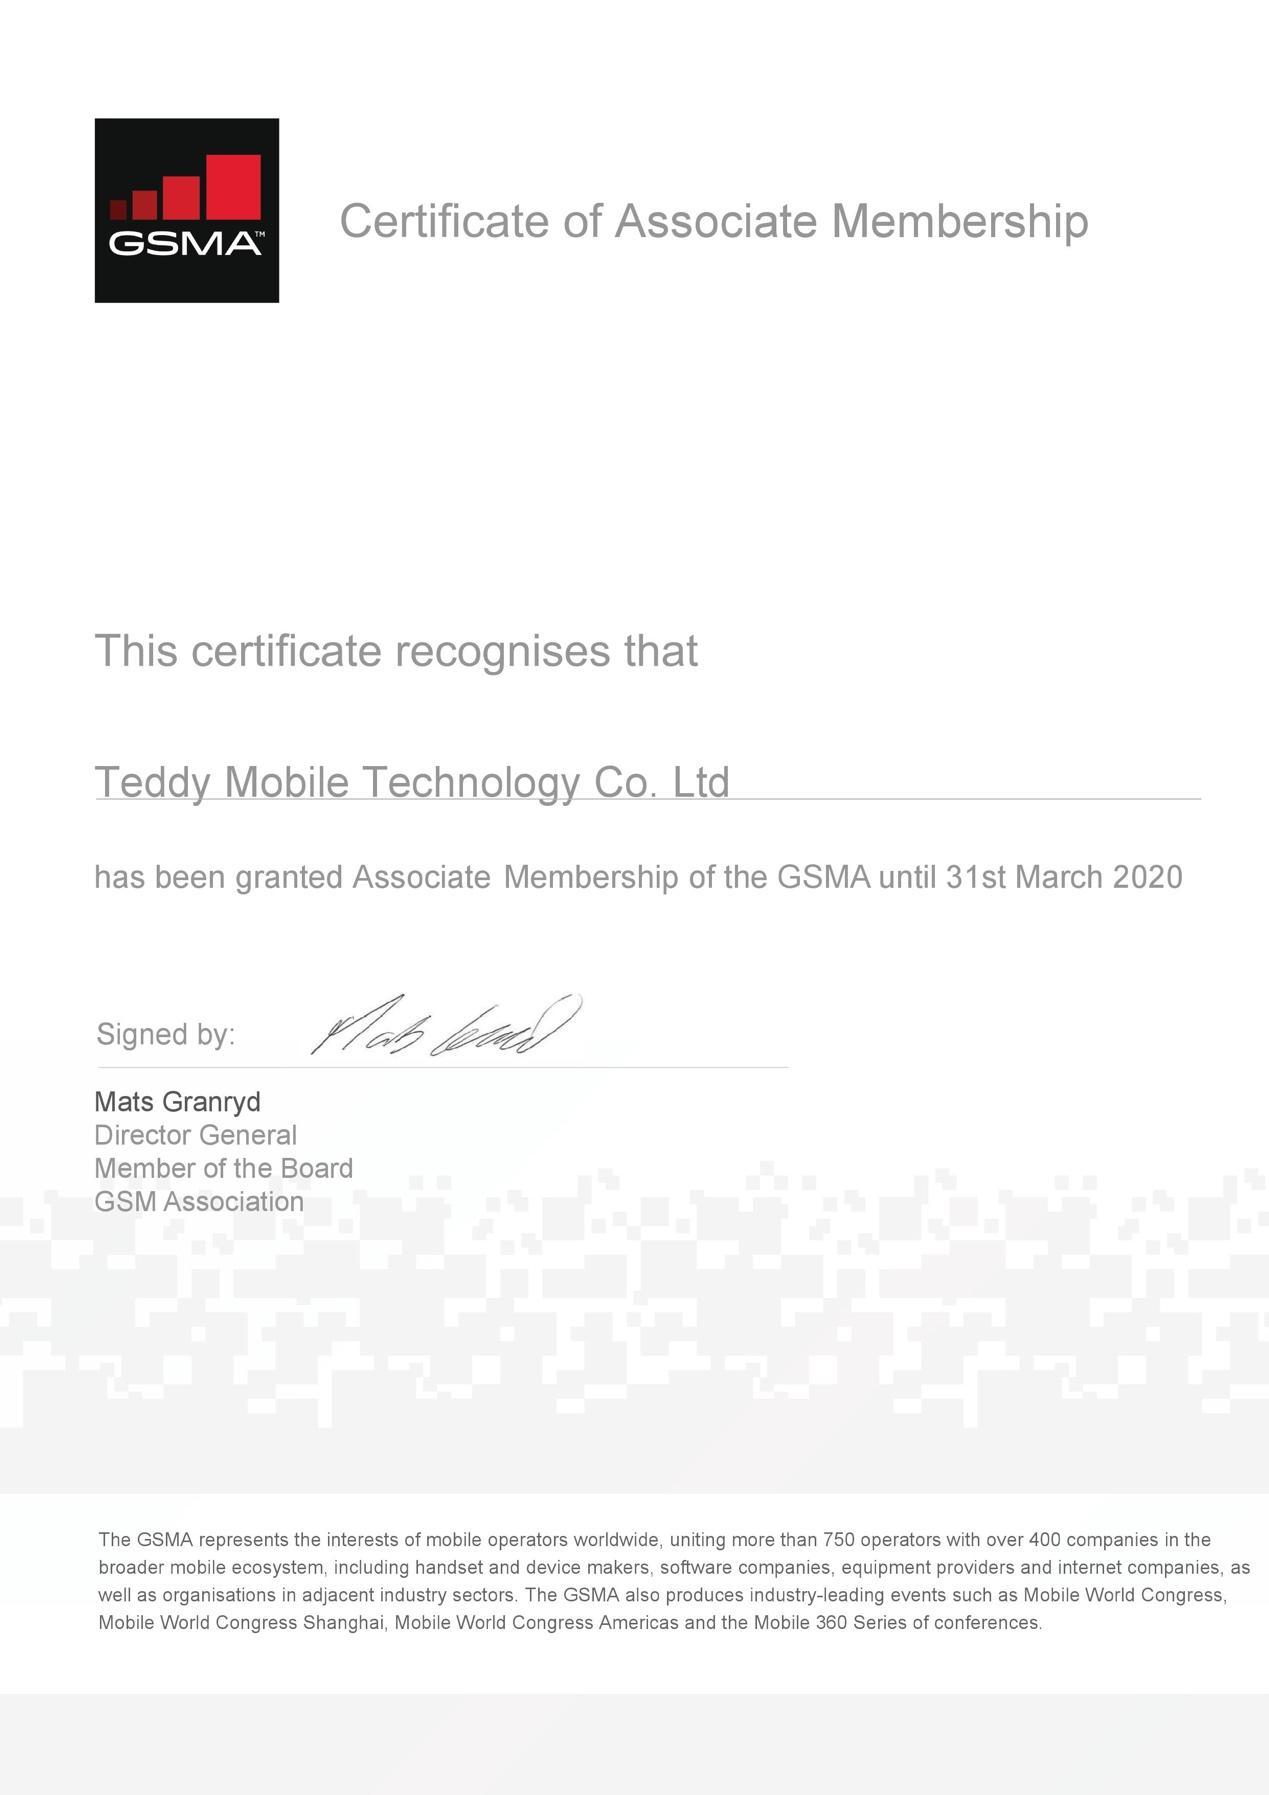 与行业巨头齐名 泰迪熊移动正式加入全球移动通信协会GSMA